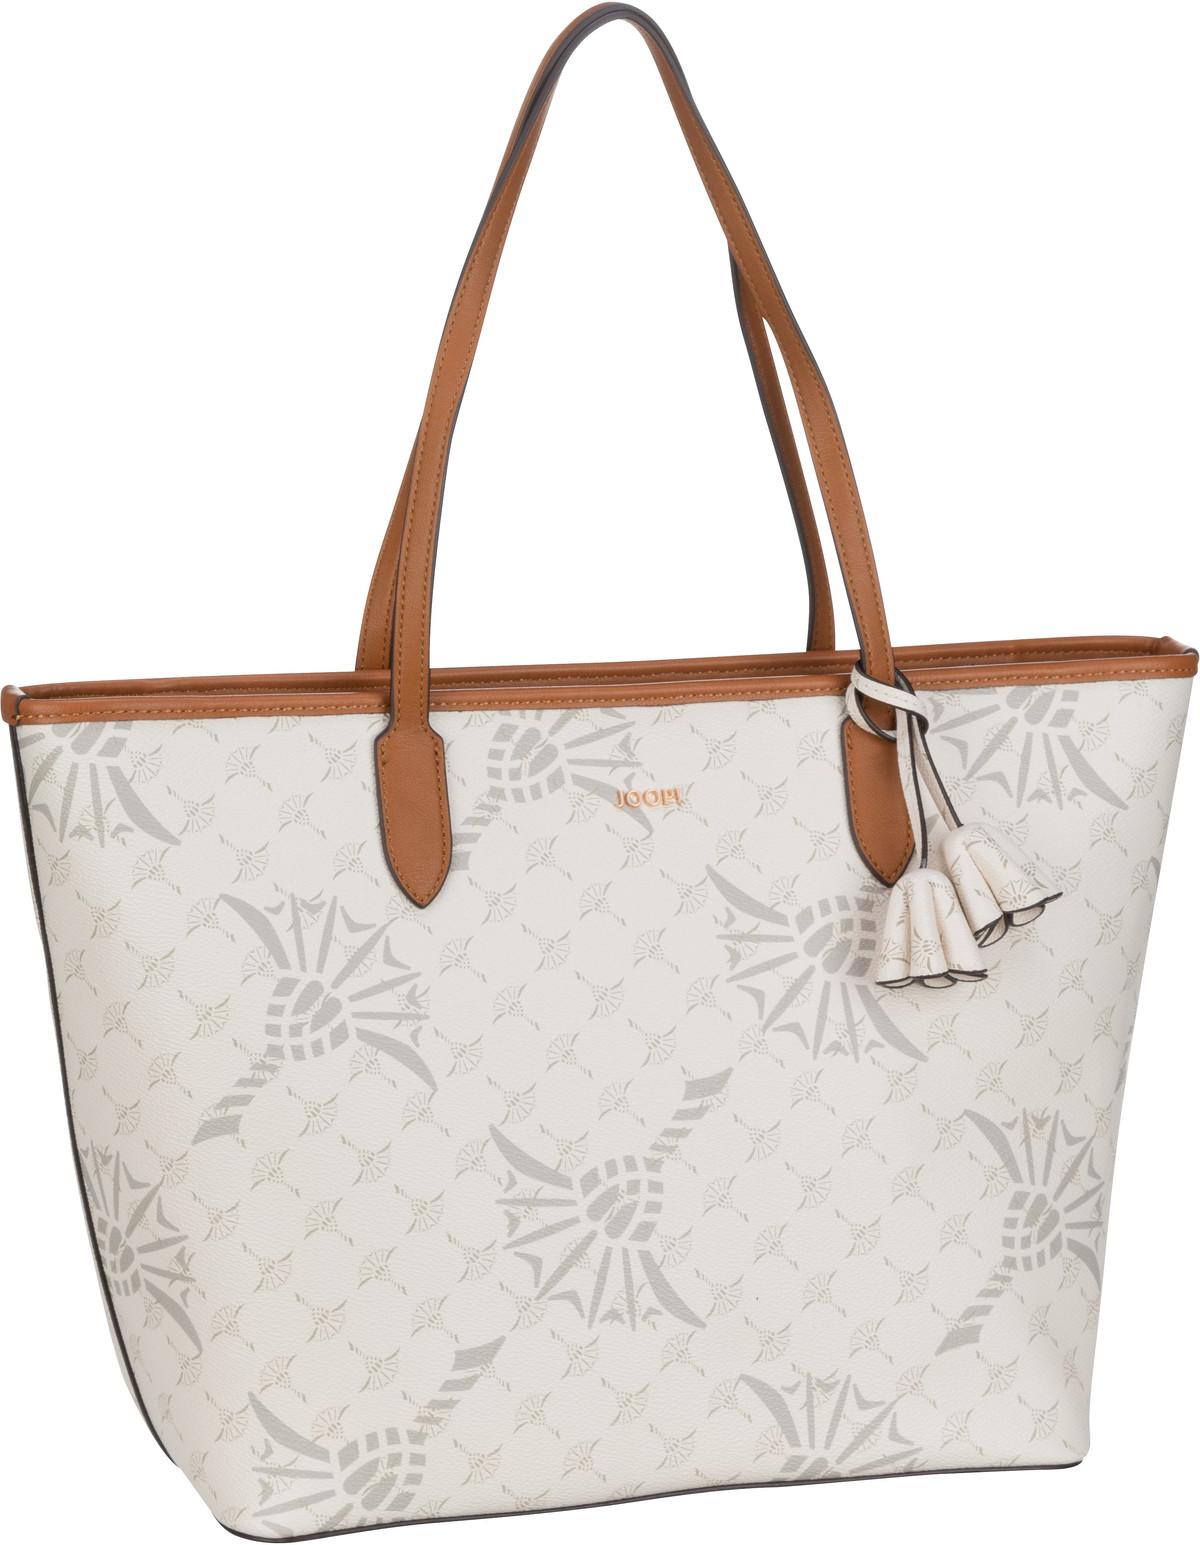 Handtasche Cortina Volte Lara Shopper LHZ Offwhite